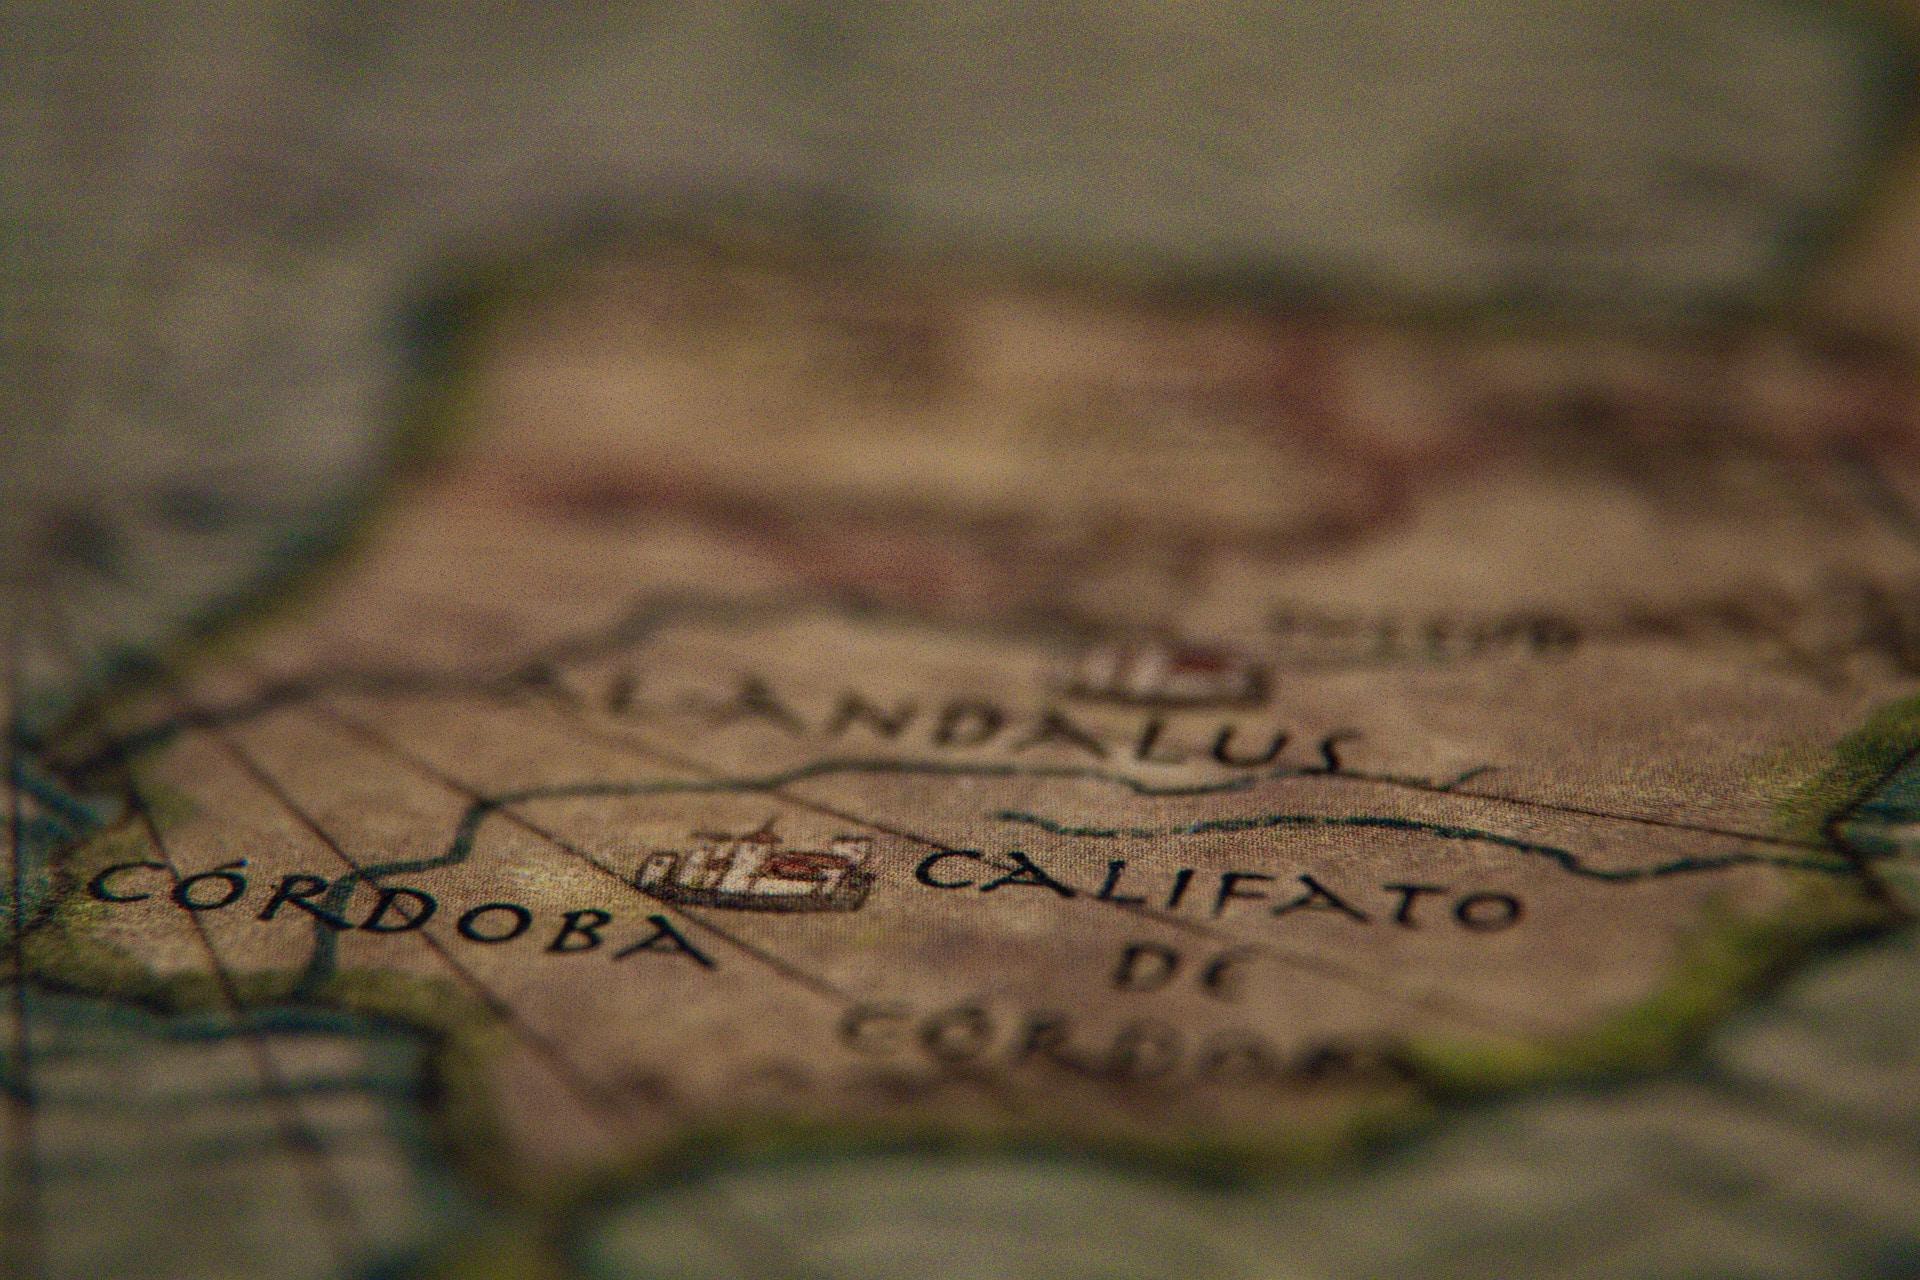 התנאים להוצאת דרכון ספרדי